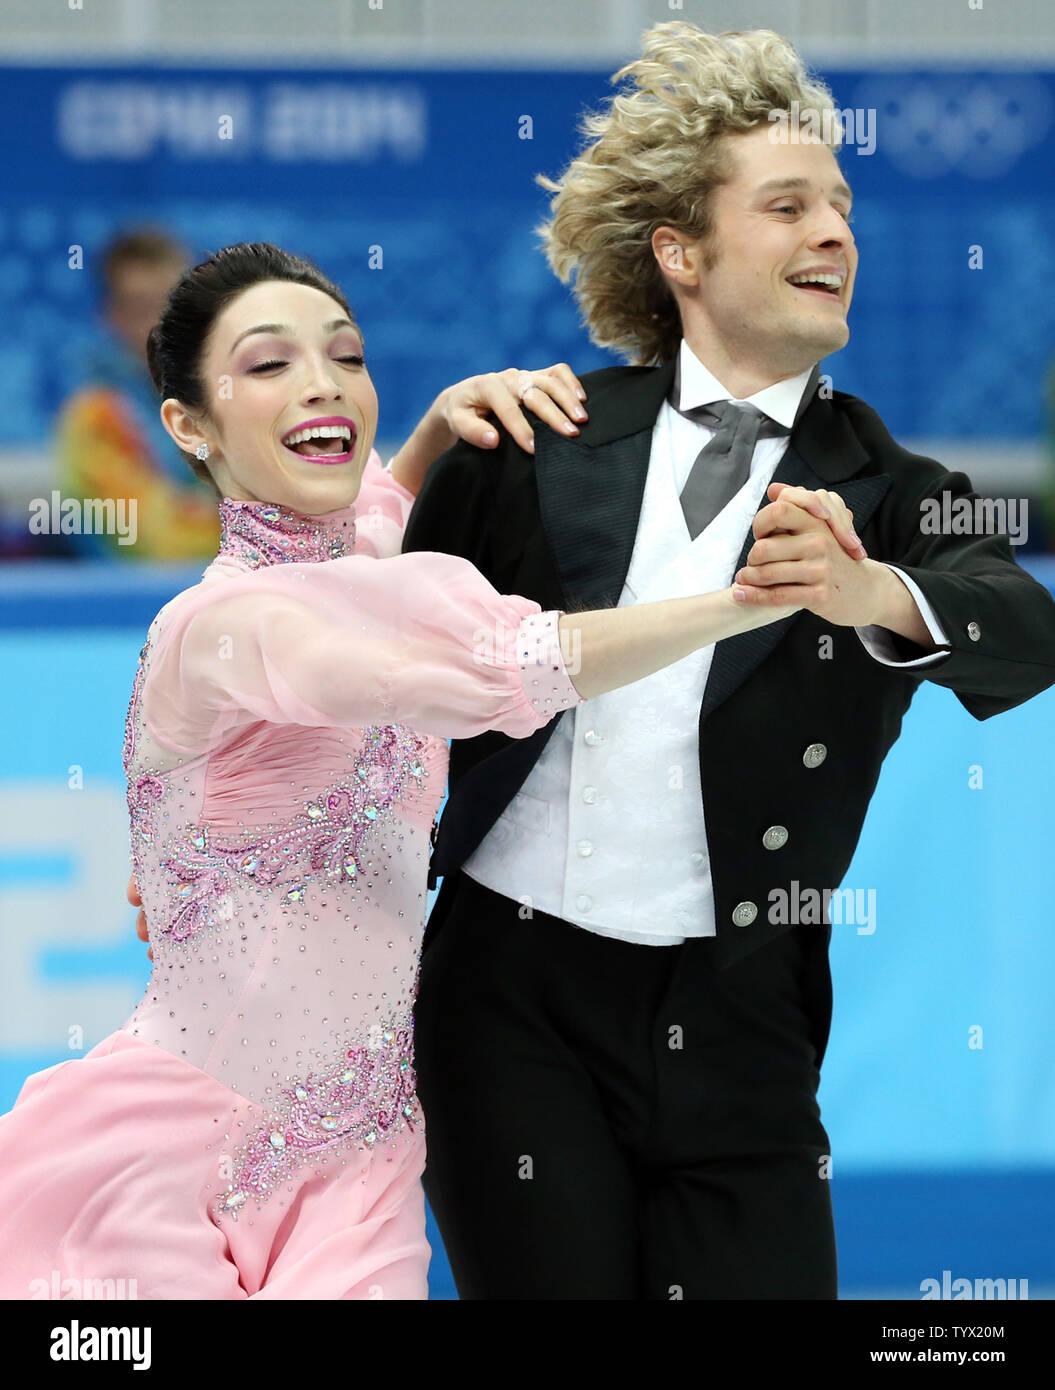 Danseurs de glace Davis et blanc datant